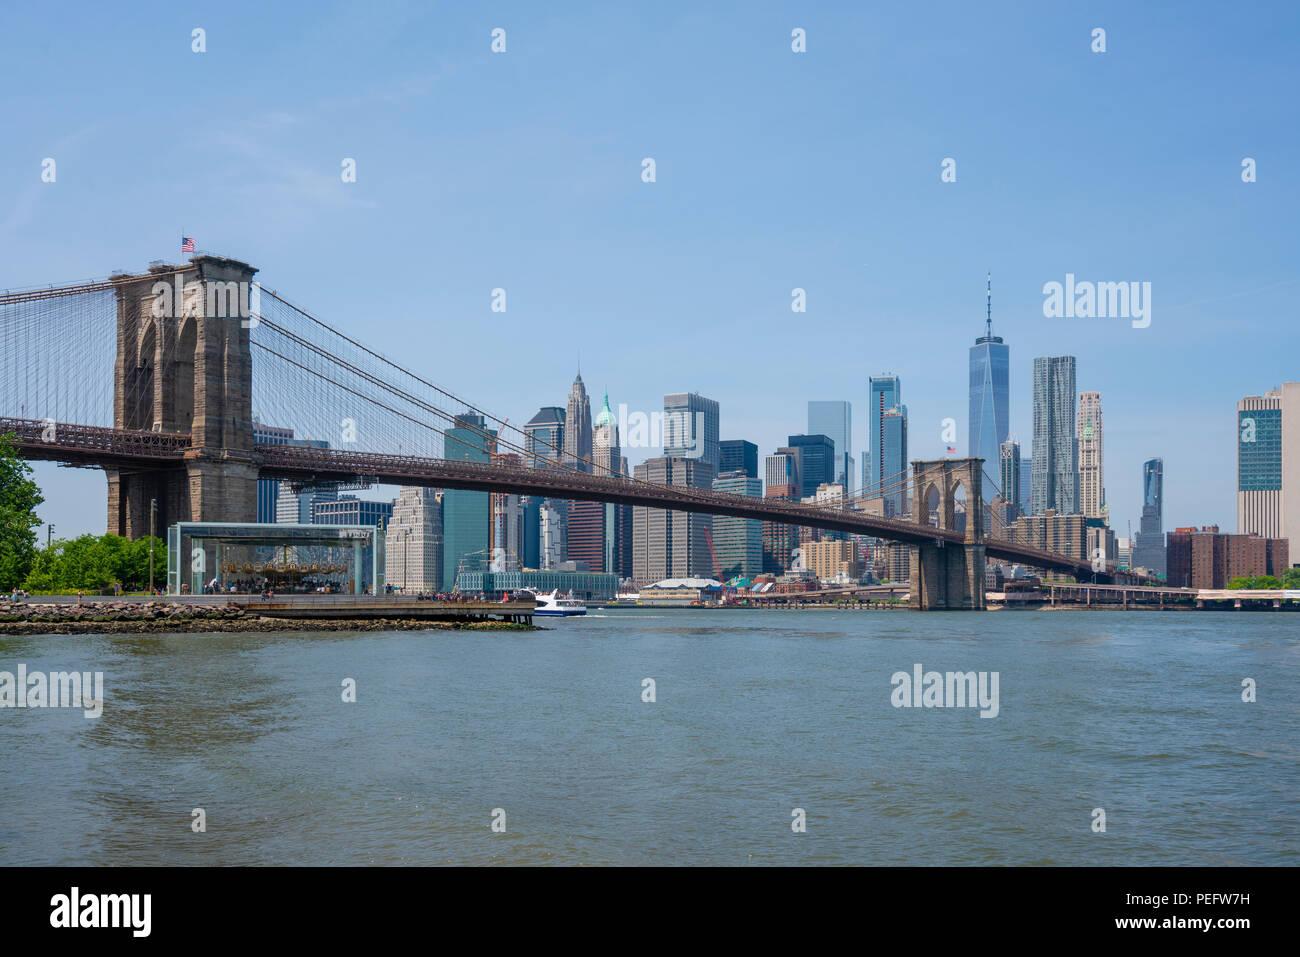 Skyline von Manhattan und Brooklyn Bridge im Tagbetrieb Stockbild